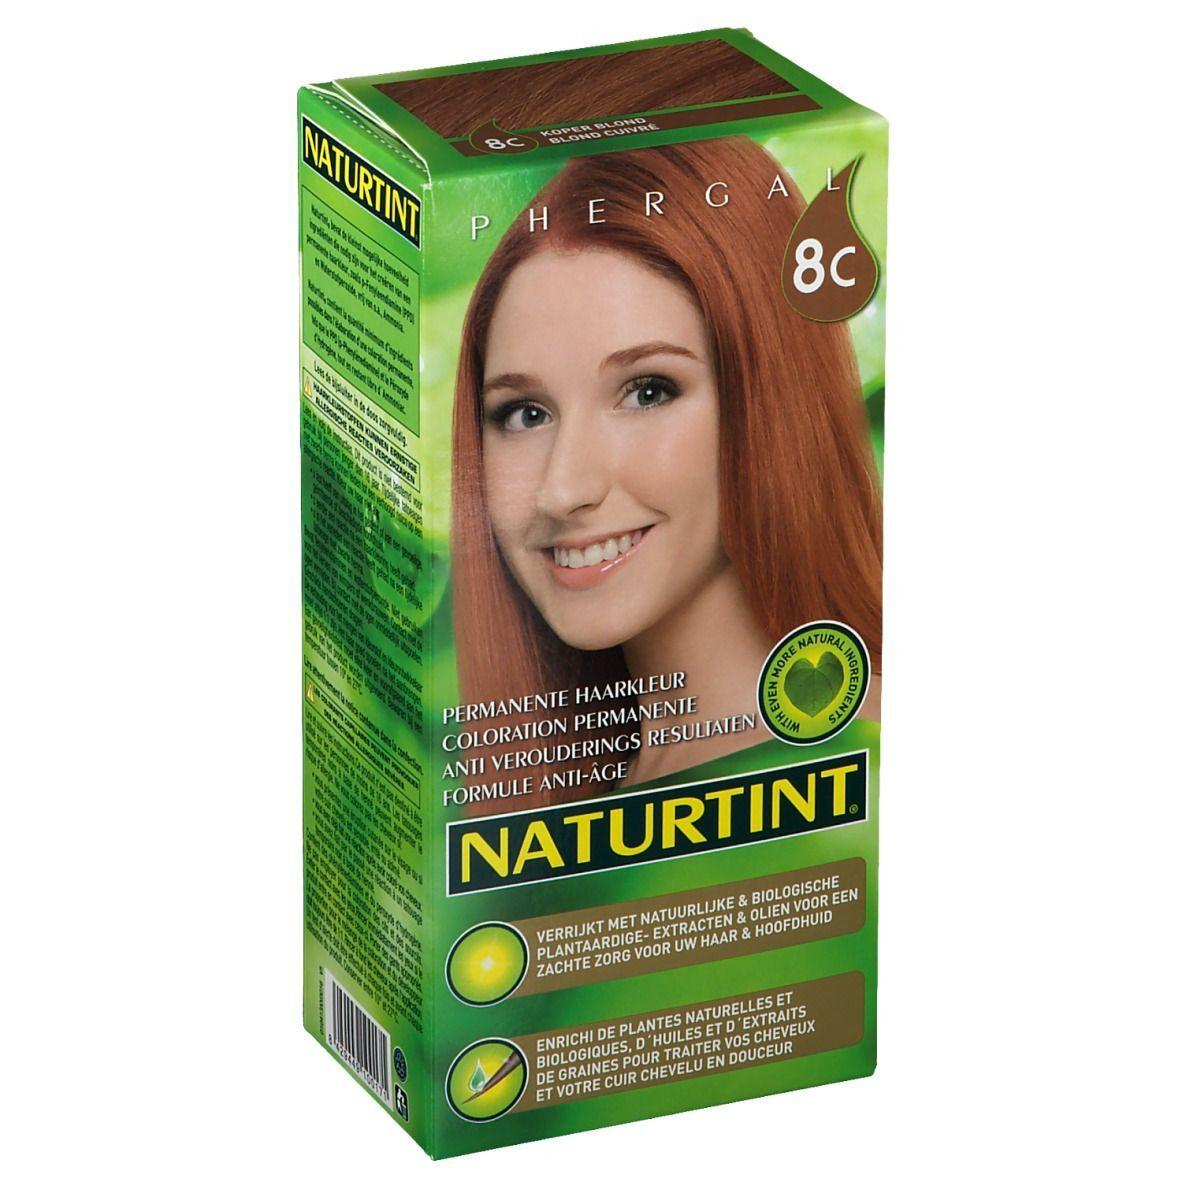 NATURTINT® Coloration Permanente 8C Blond cuivré ml emballage(s) combi